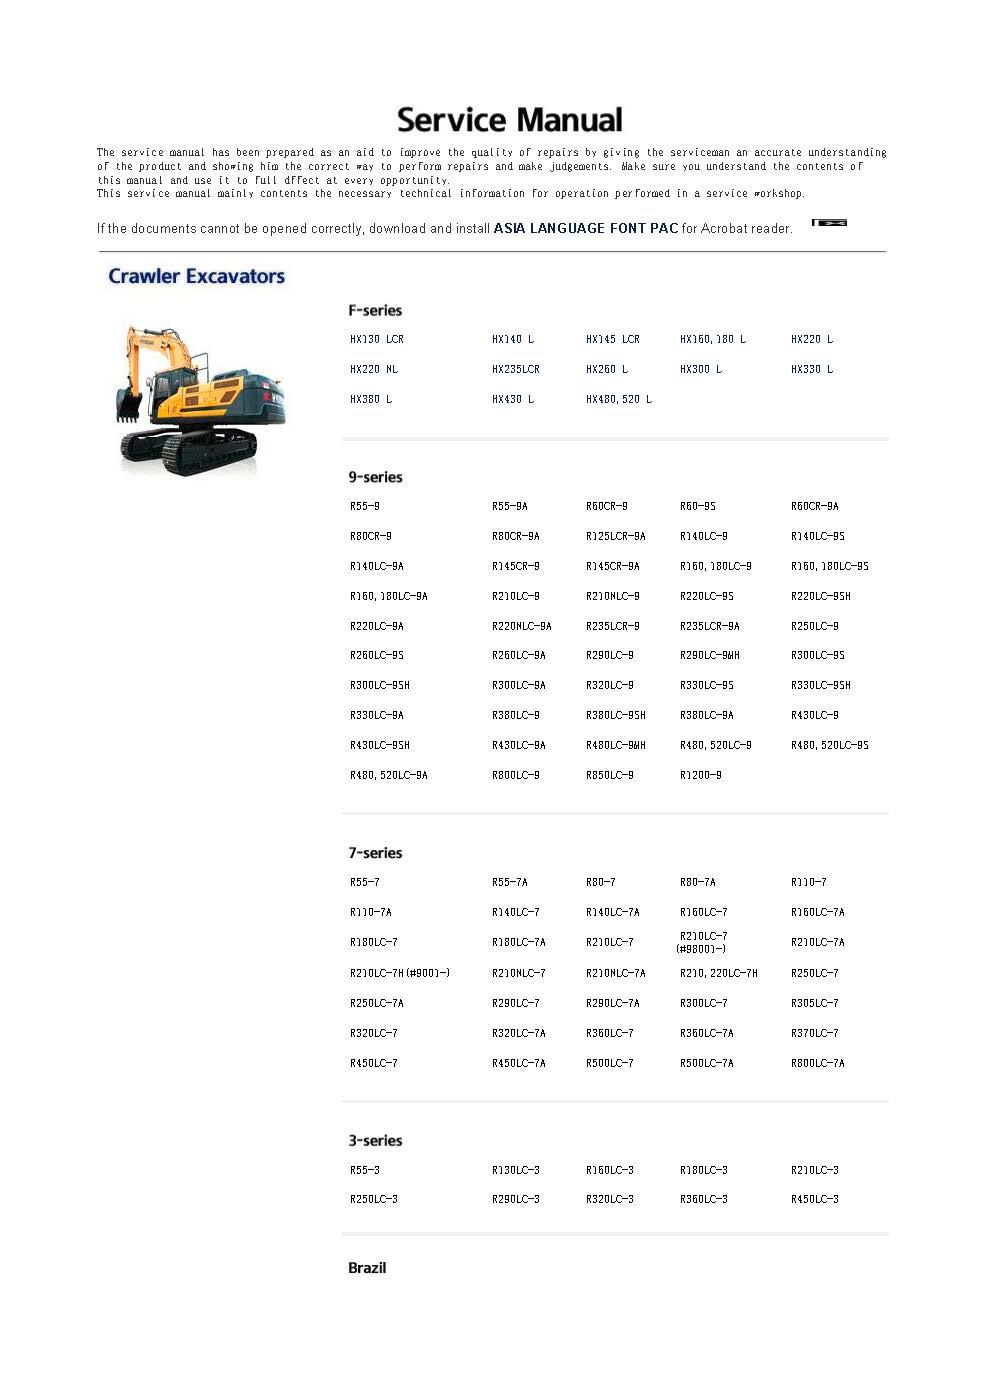 Для hyundai robex Construction equipment + руководства по обслуживанию двигателя и монтажные схемы 2019 полный комплект